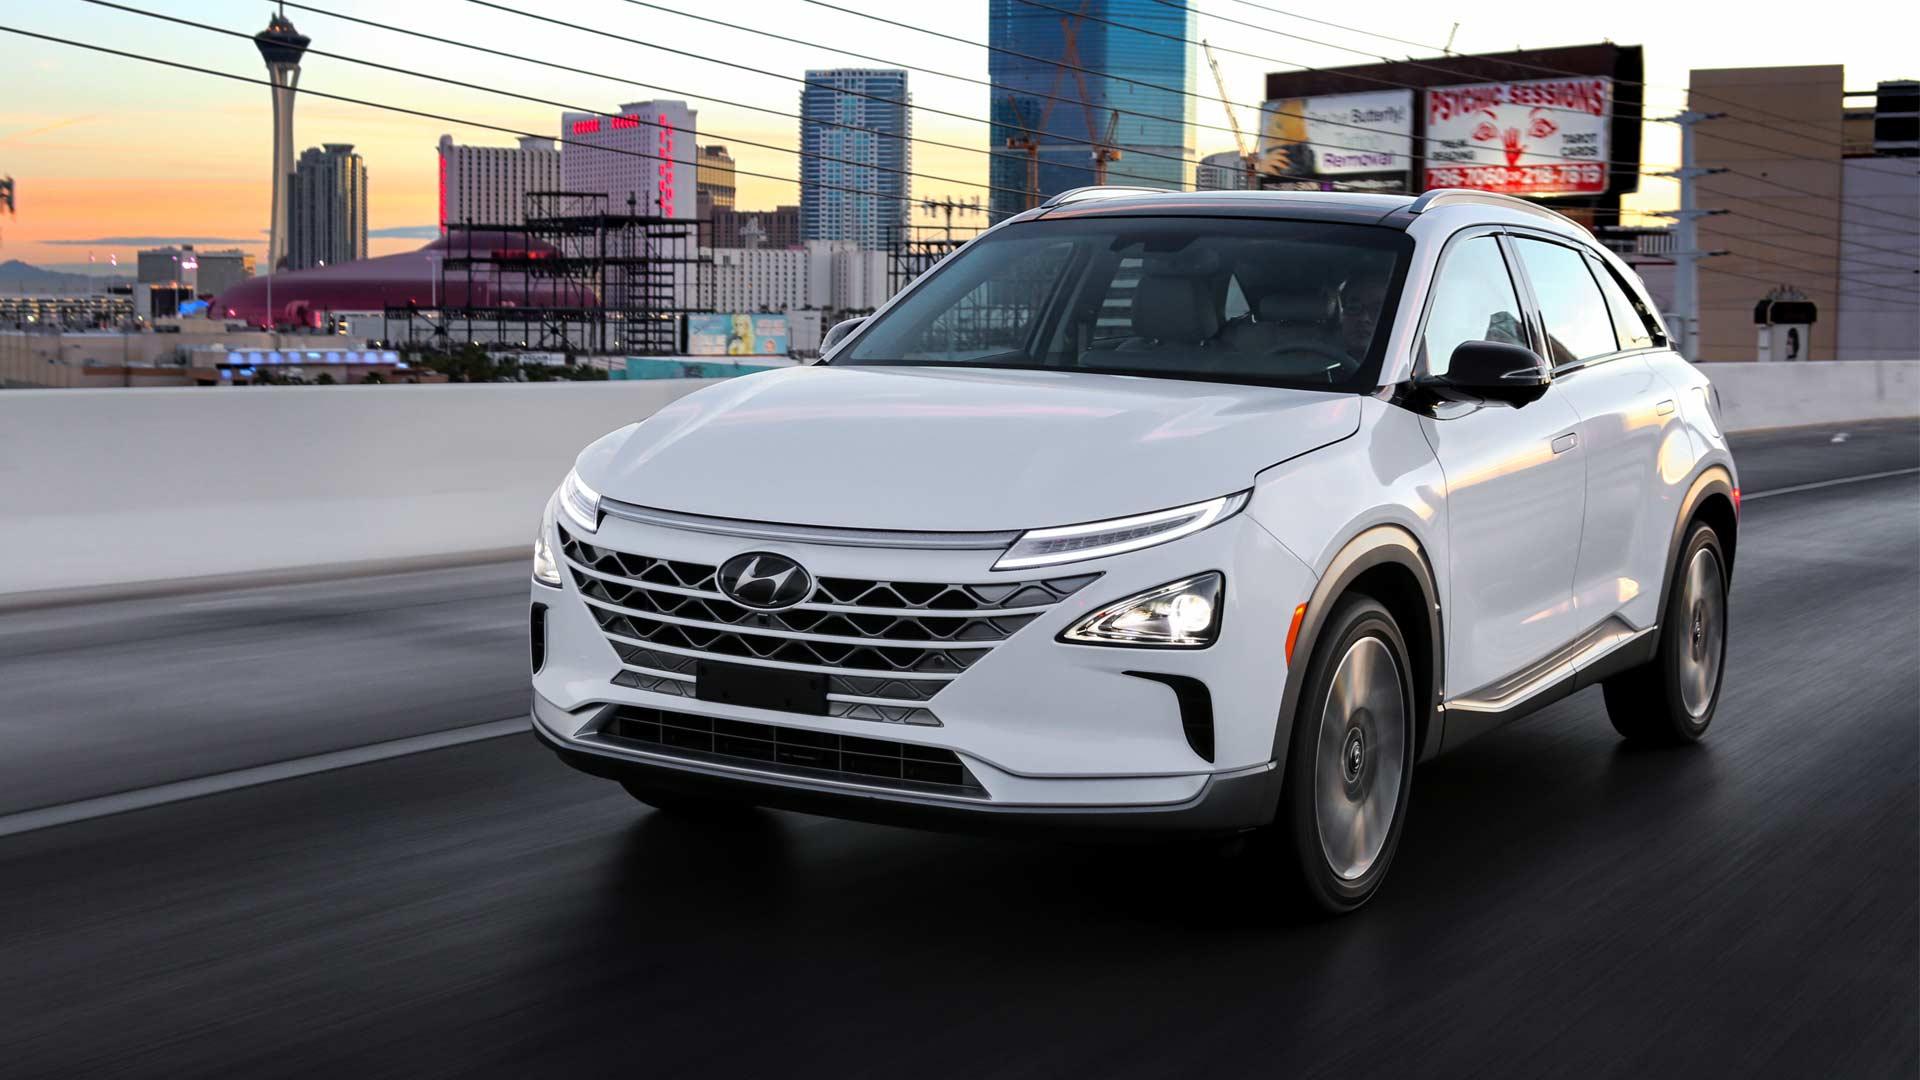 Hyundai-NEXO-Fuel-Cell